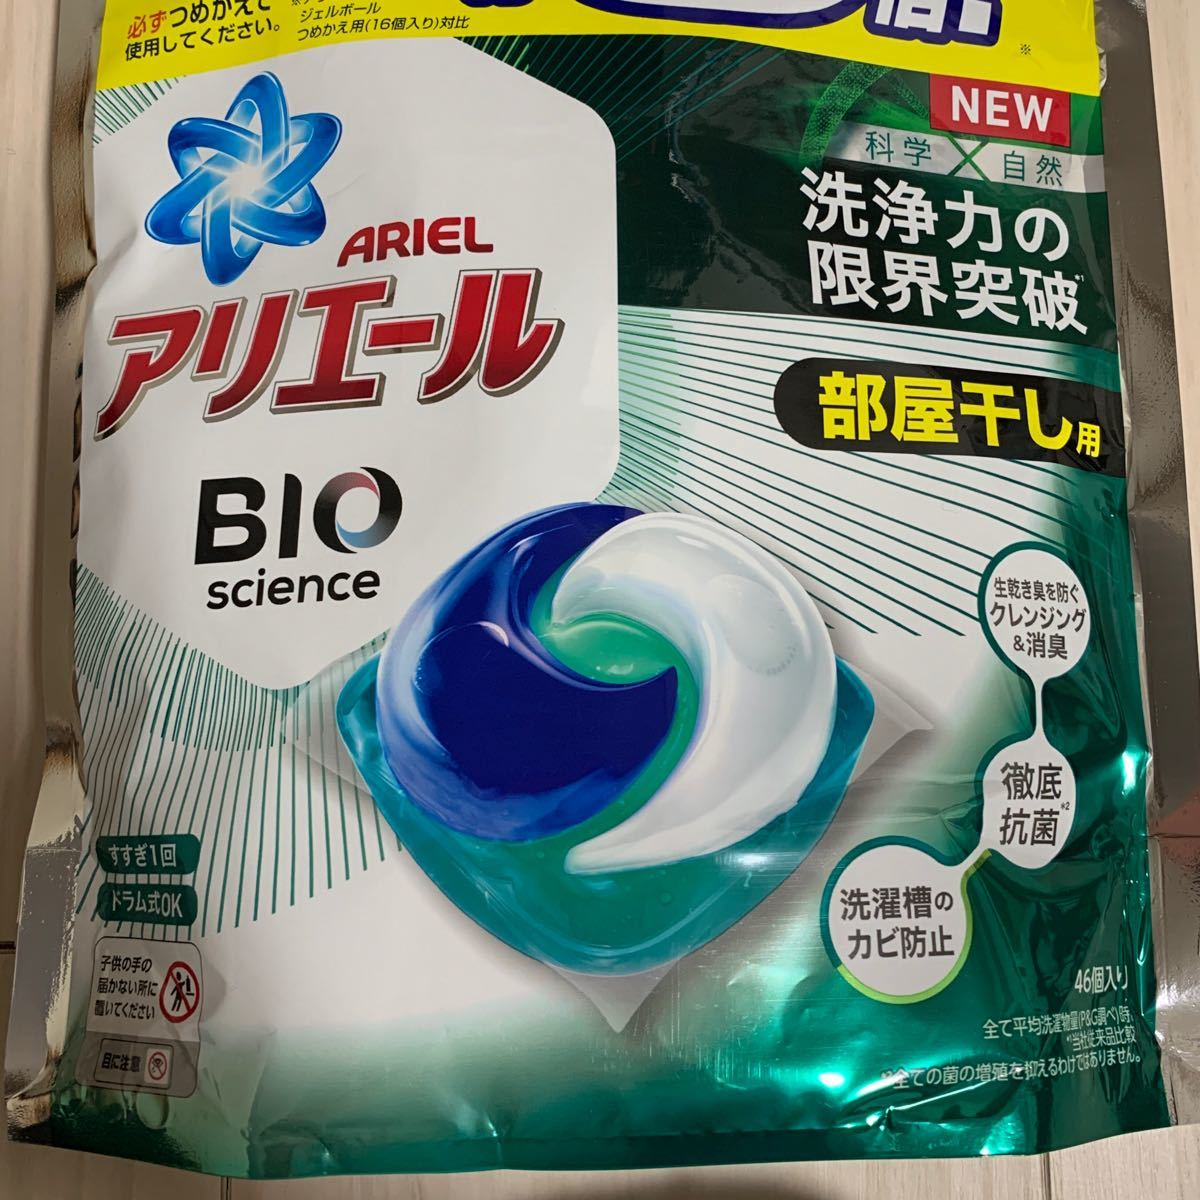 アリエール ジェルボール 部屋干し 40粒  P&G   洗濯洗剤  詰め替え